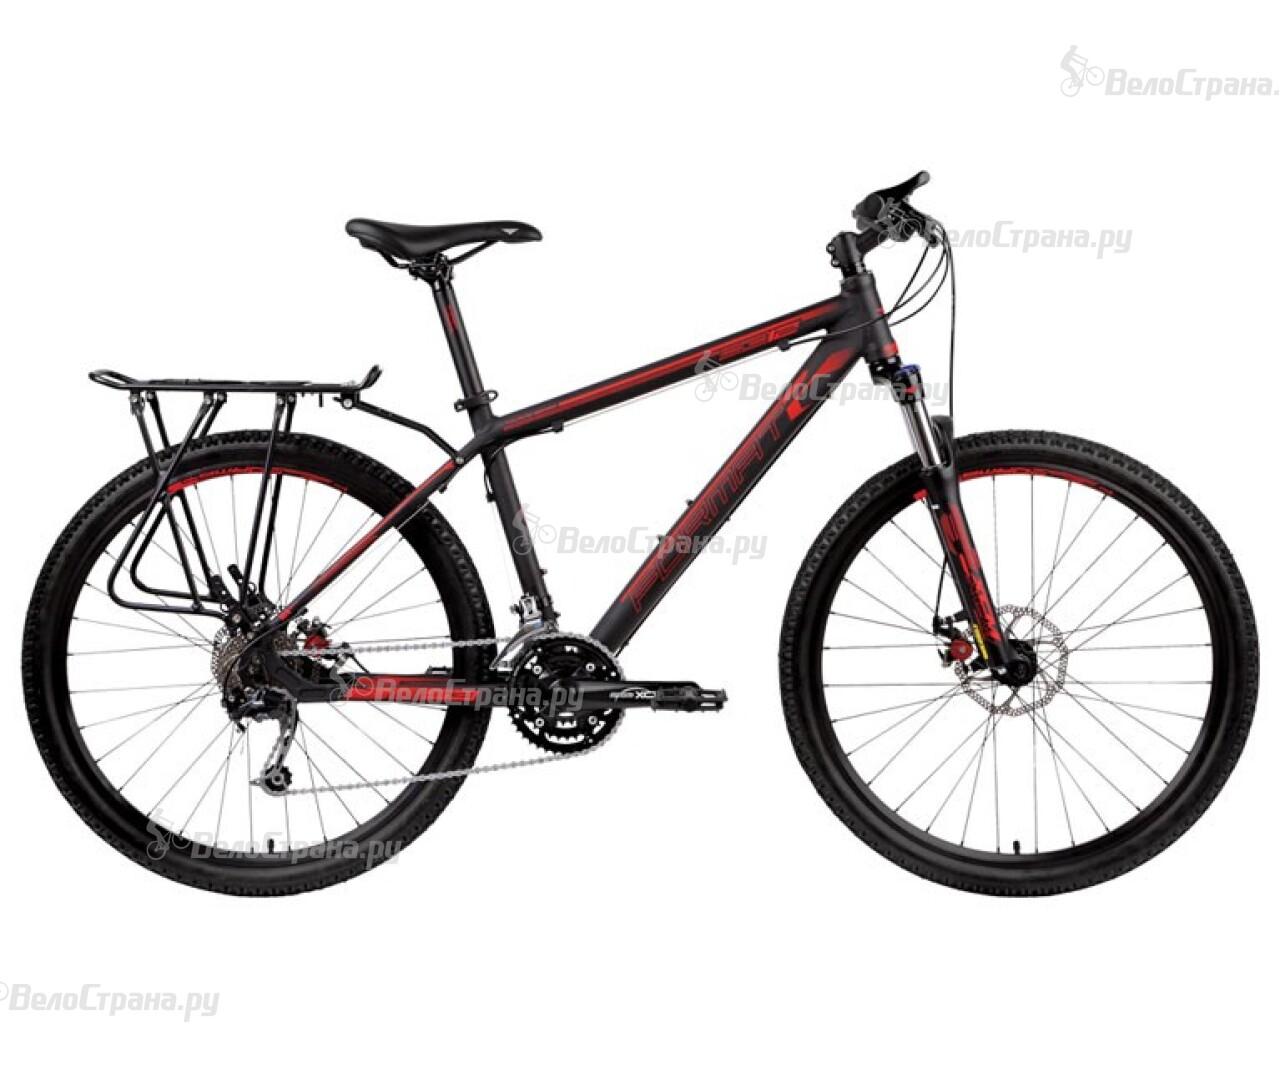 Велосипед Format 5312 (2014) велосипед format 3213 2014